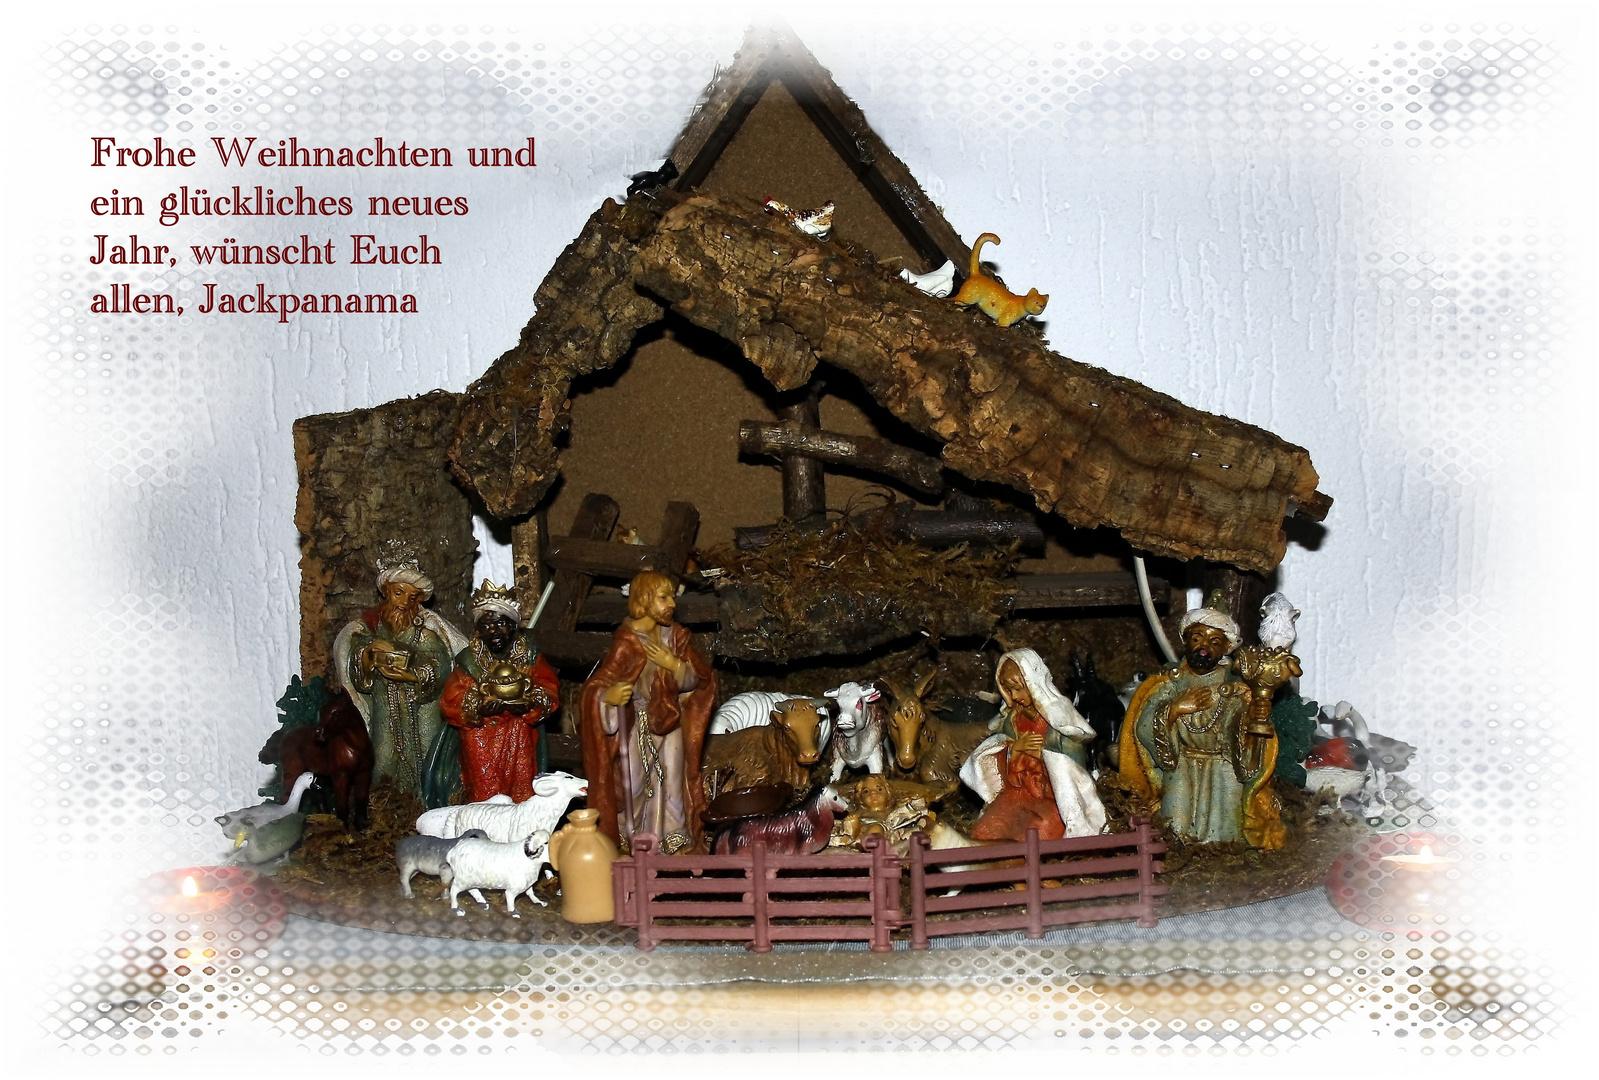 Wünsche allen schöne Weihnachten und einen guten Rutsch ins Neue ...